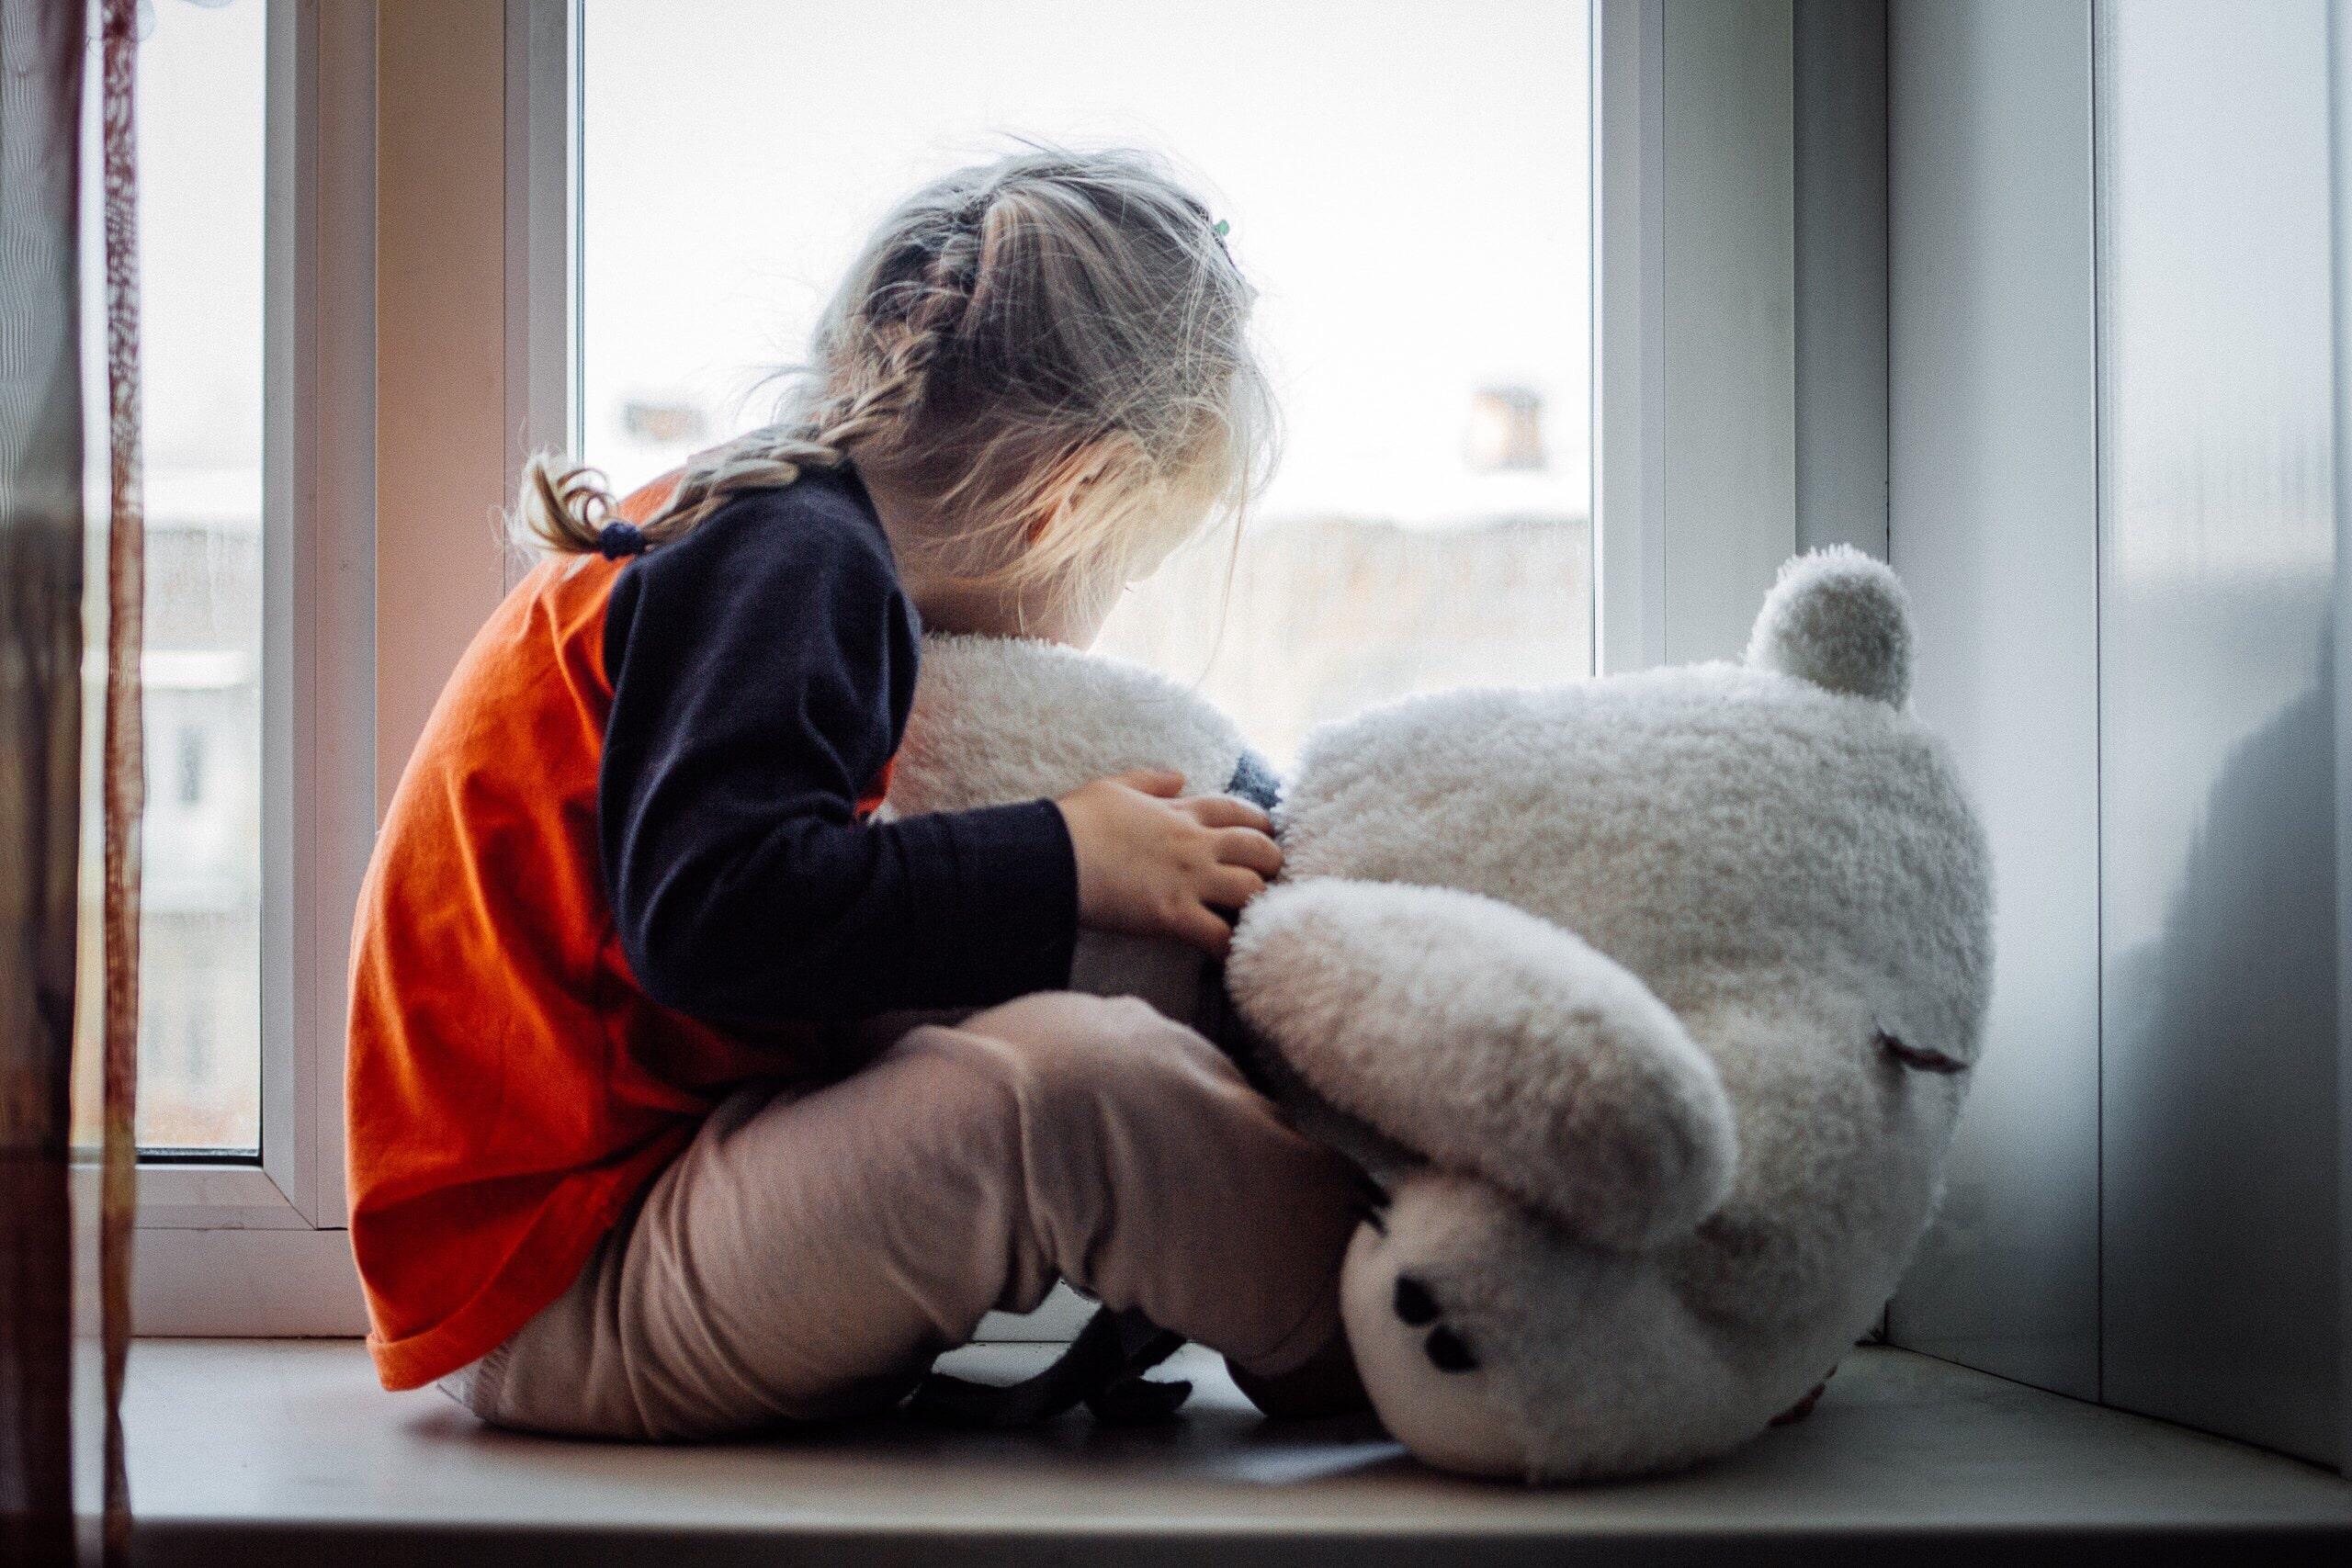 sad-little-girl-with-a-teddy-bear-sadness-8GLGVXB-min